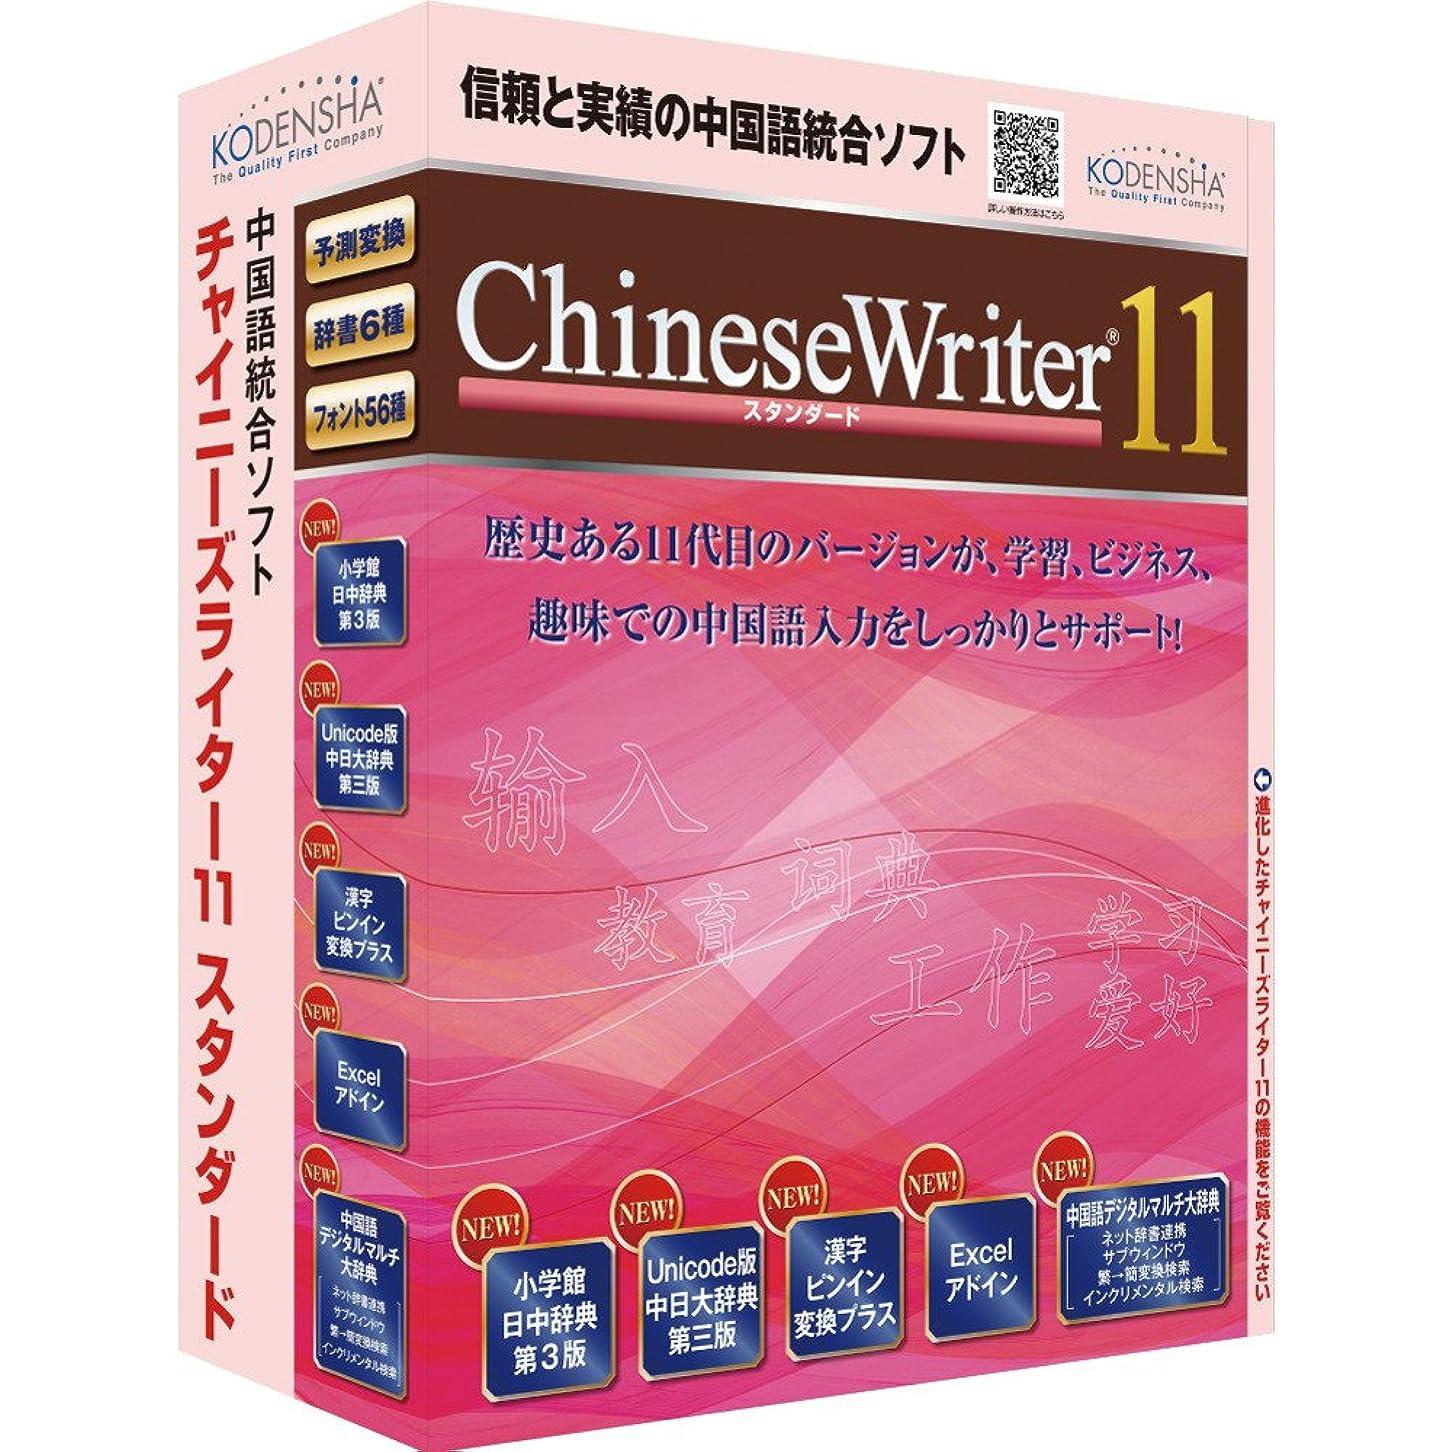 安息肉スカウト高電社 ChineseWriter11 スタンダード アカデミック